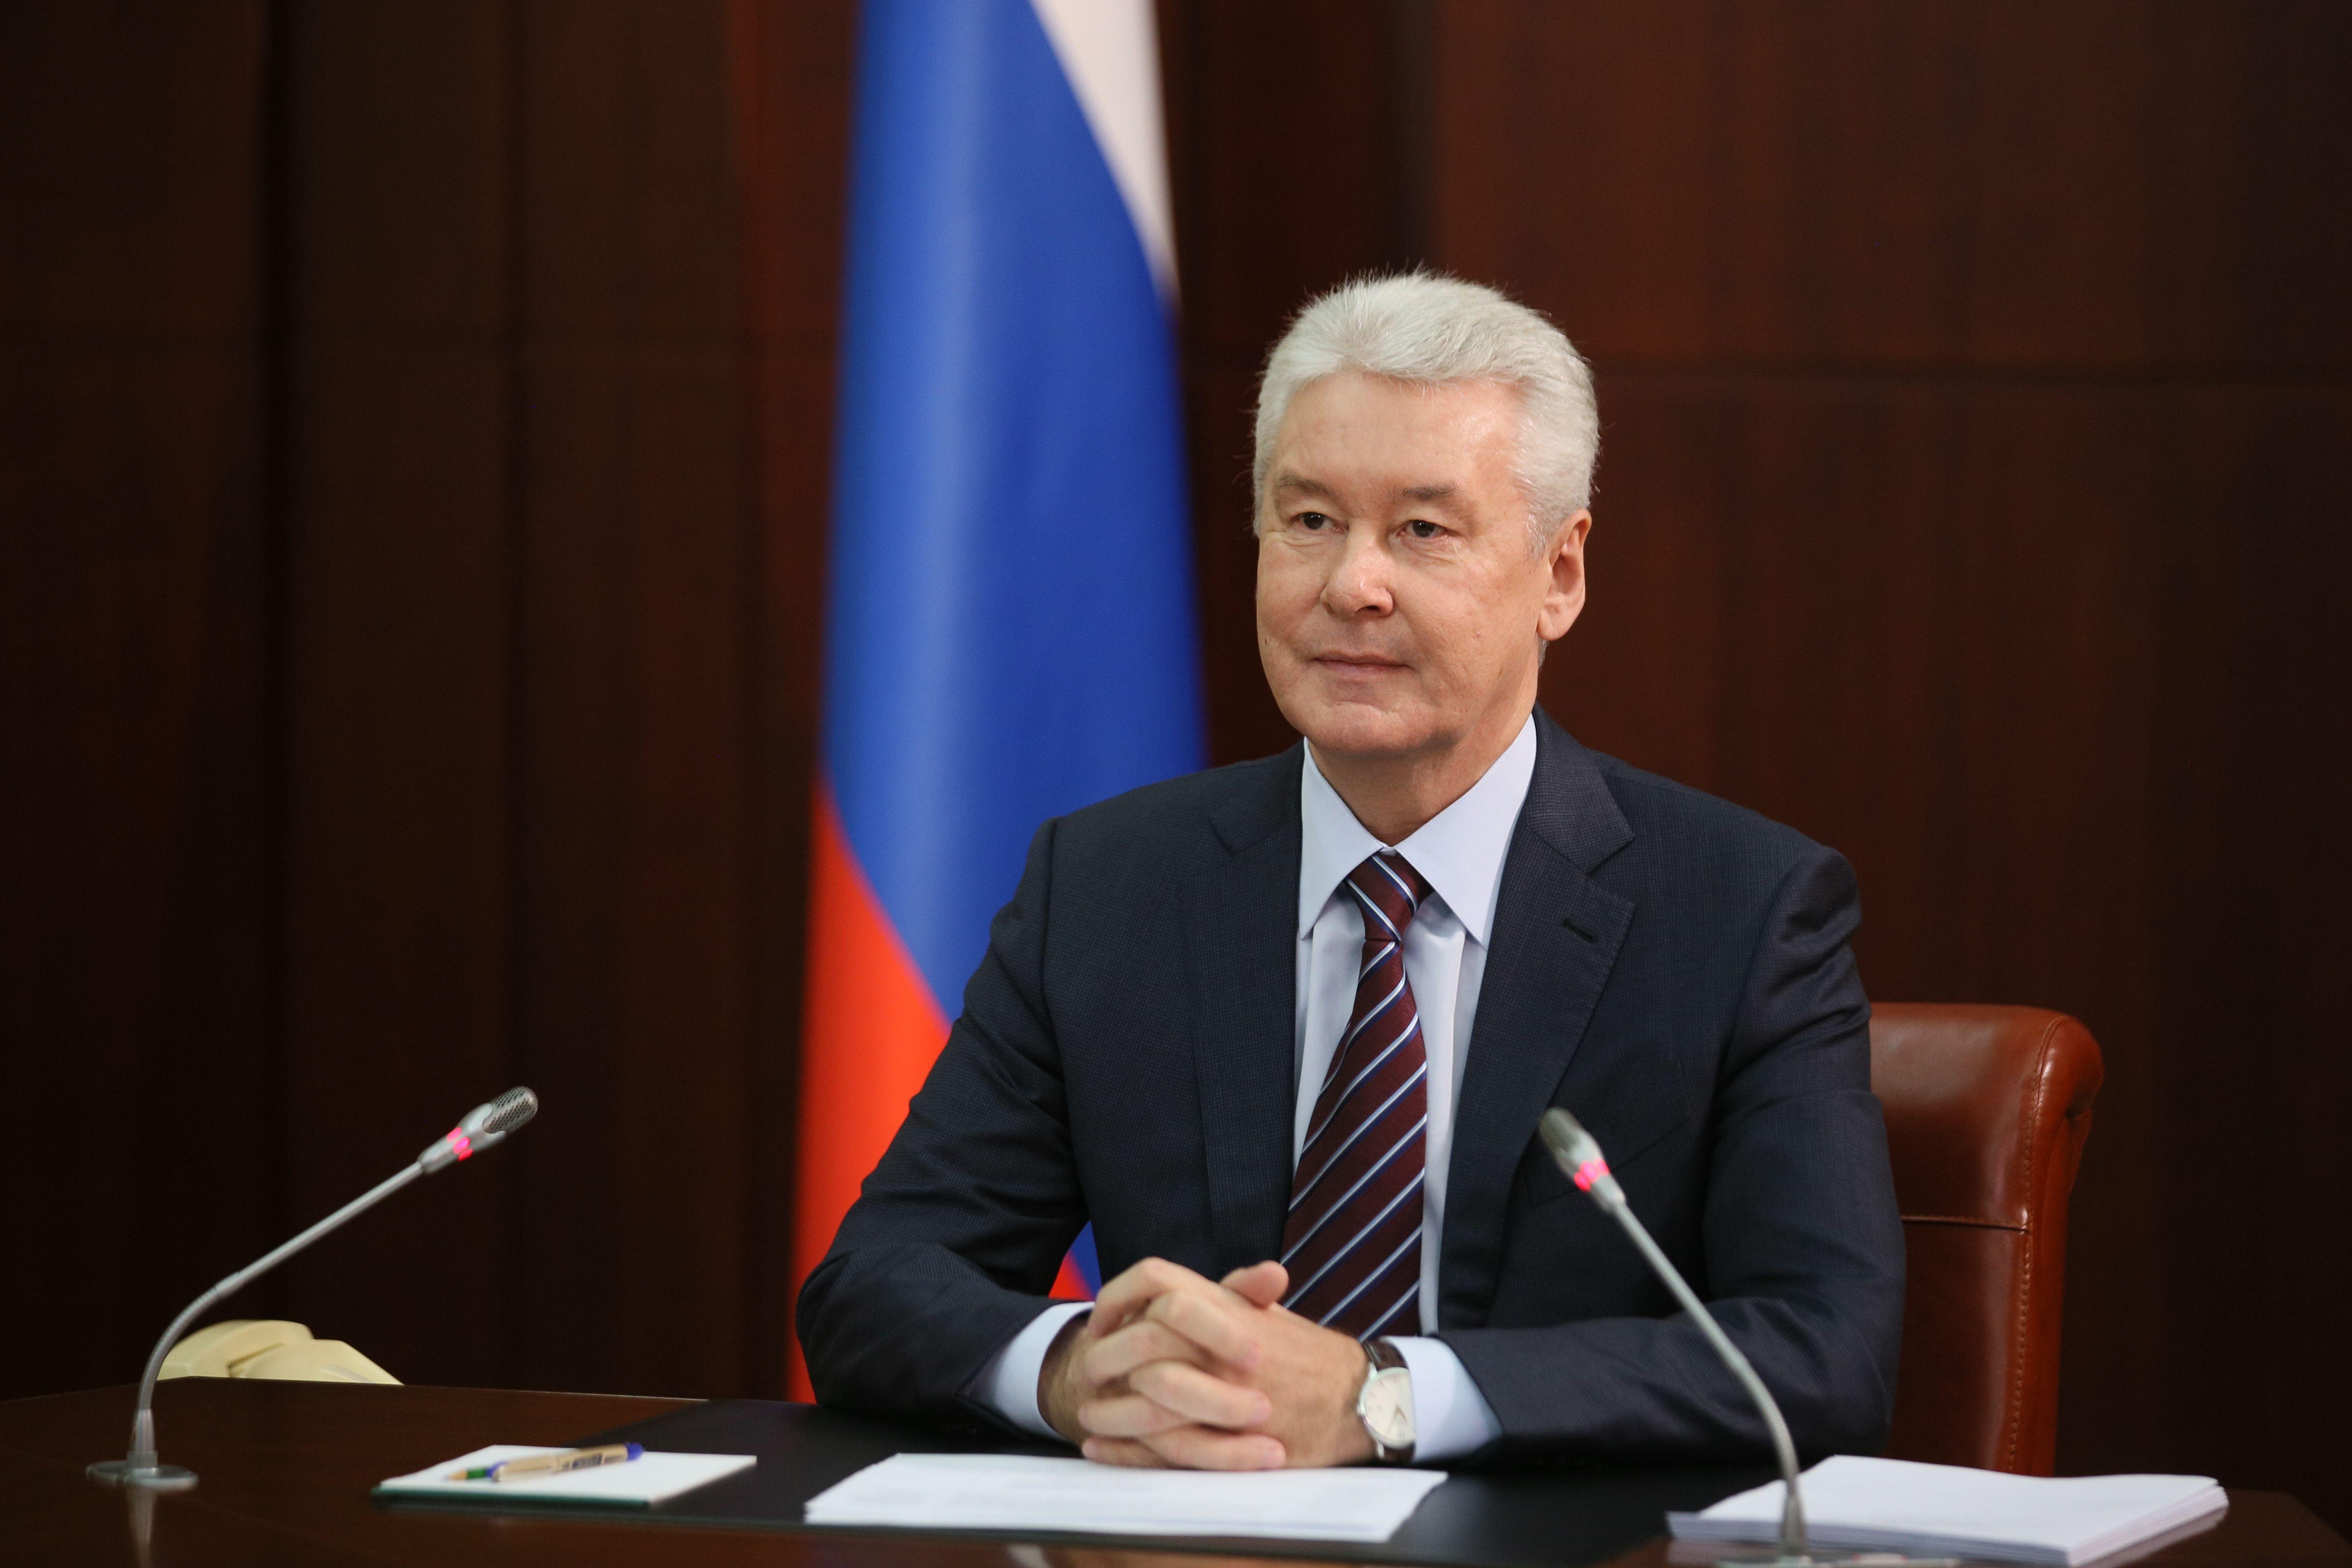 Сергей Собянин рассказал об изменениях в транспортной инфраструктуре